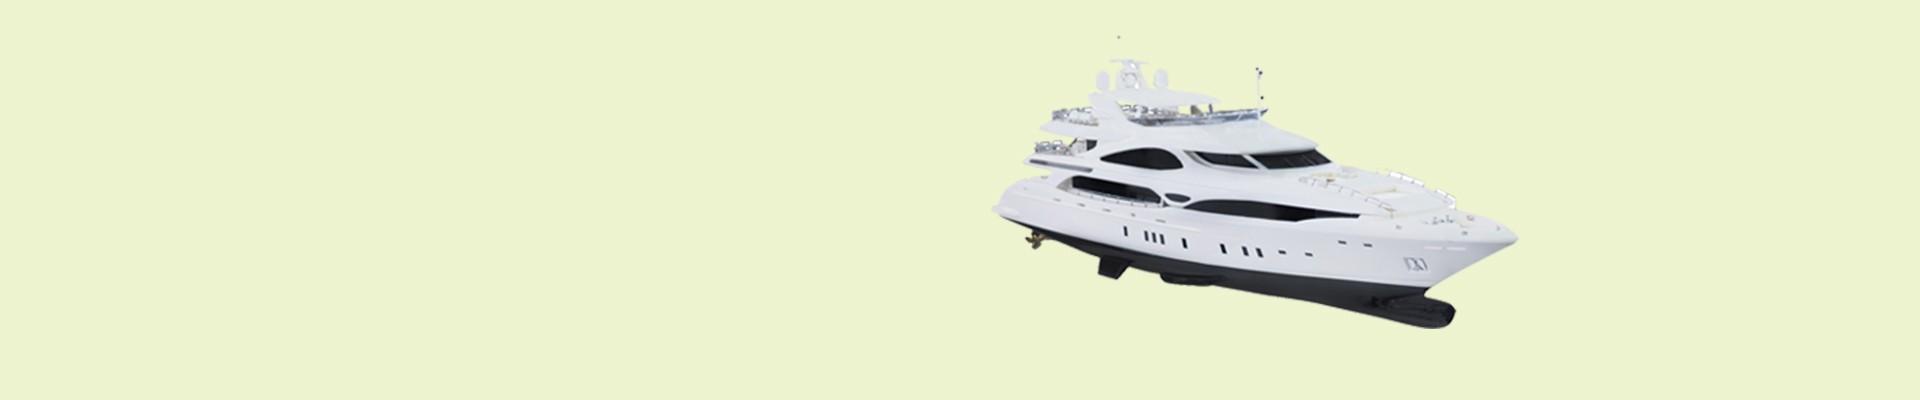 Jual Kapal RC dari Harga Termurah